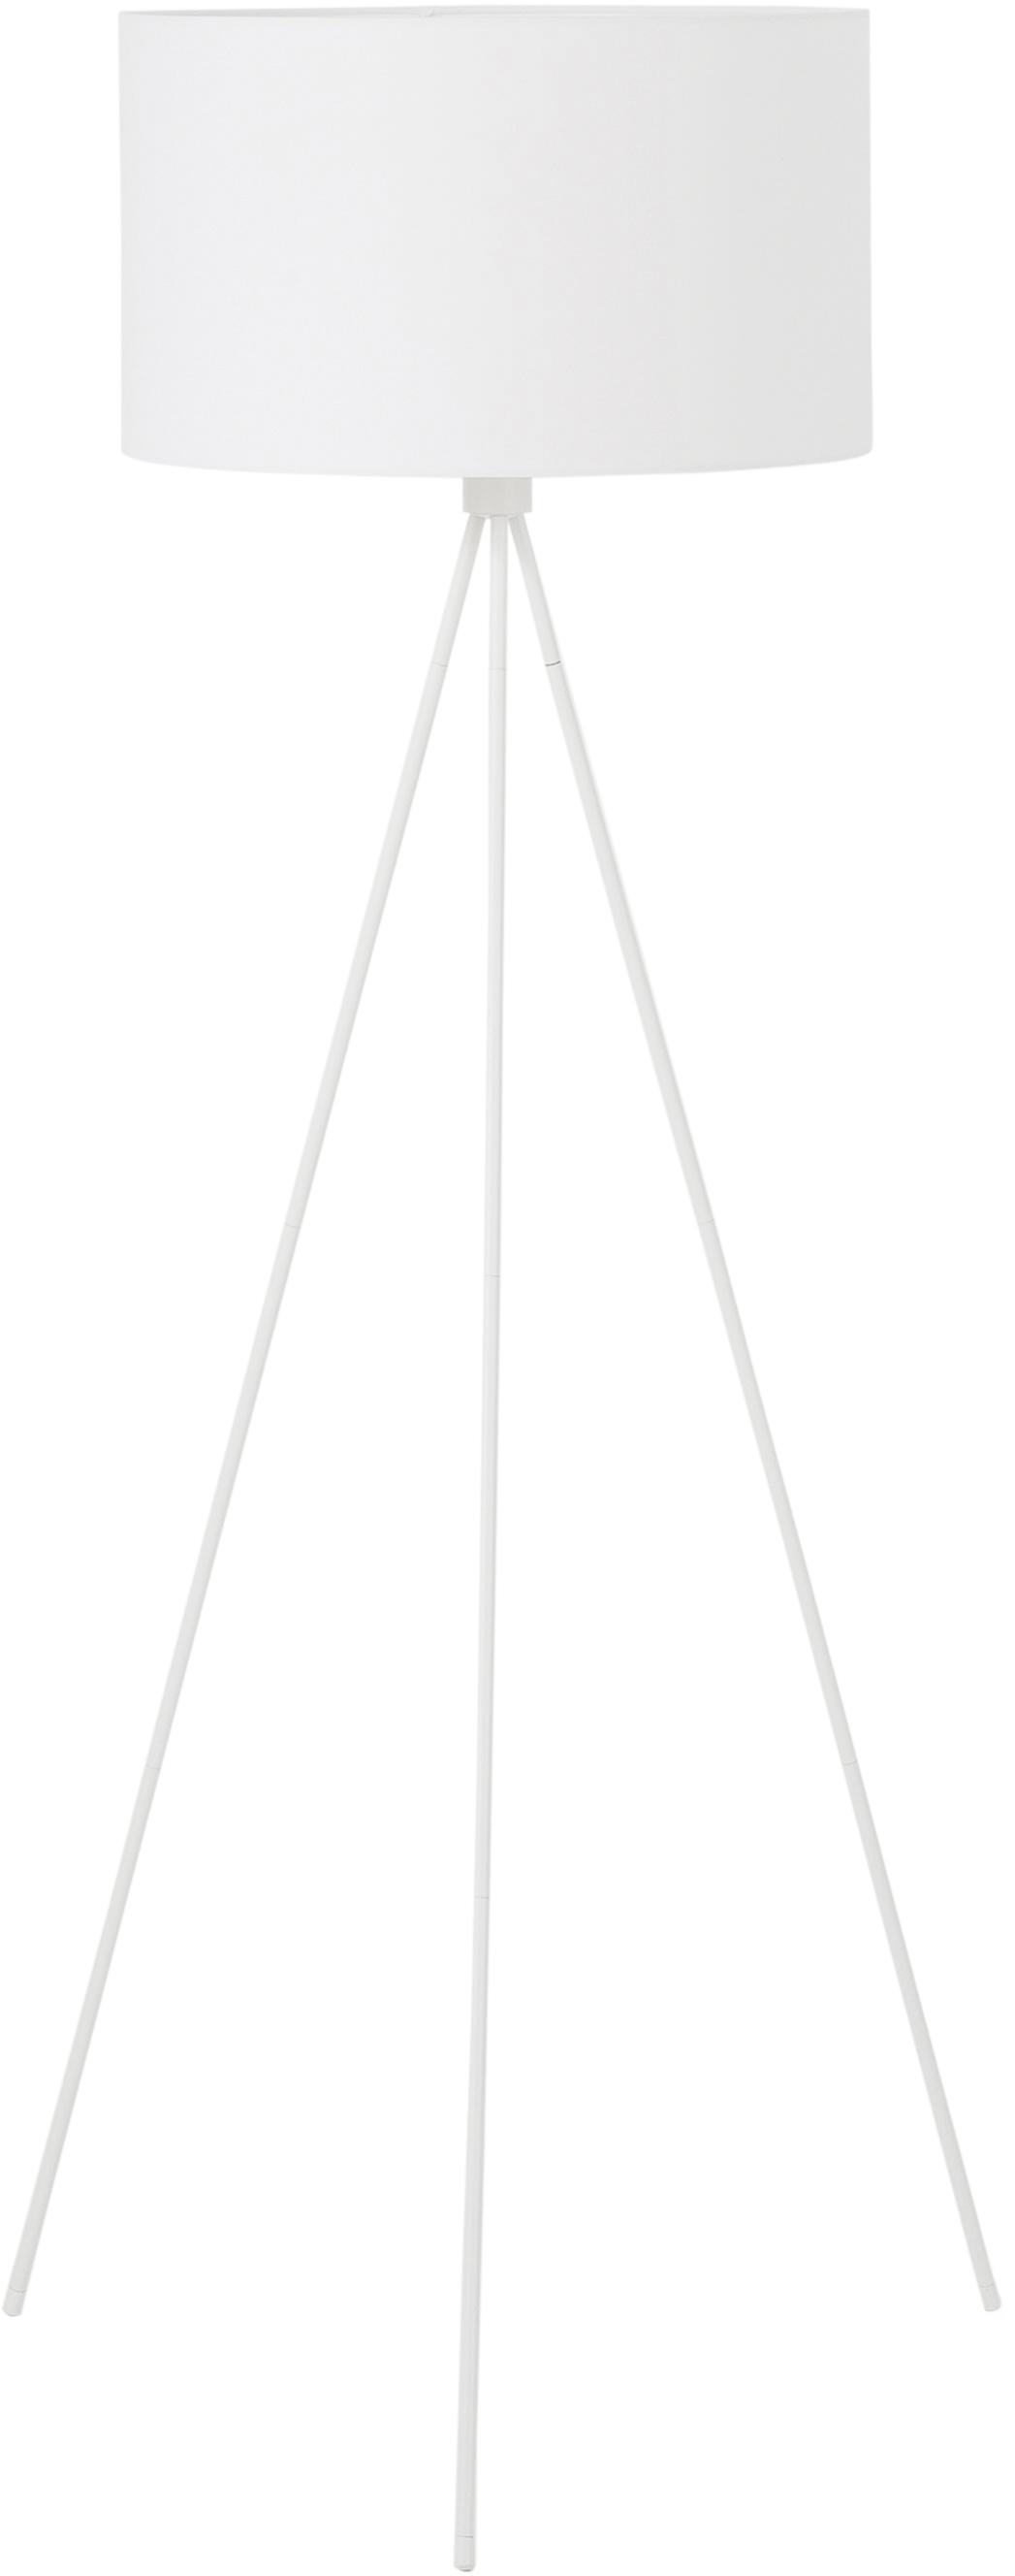 Stehlampe Cella, Lampenschirm: Baumwollgemisch, Weiss, ∅ 48 x H 158 cm